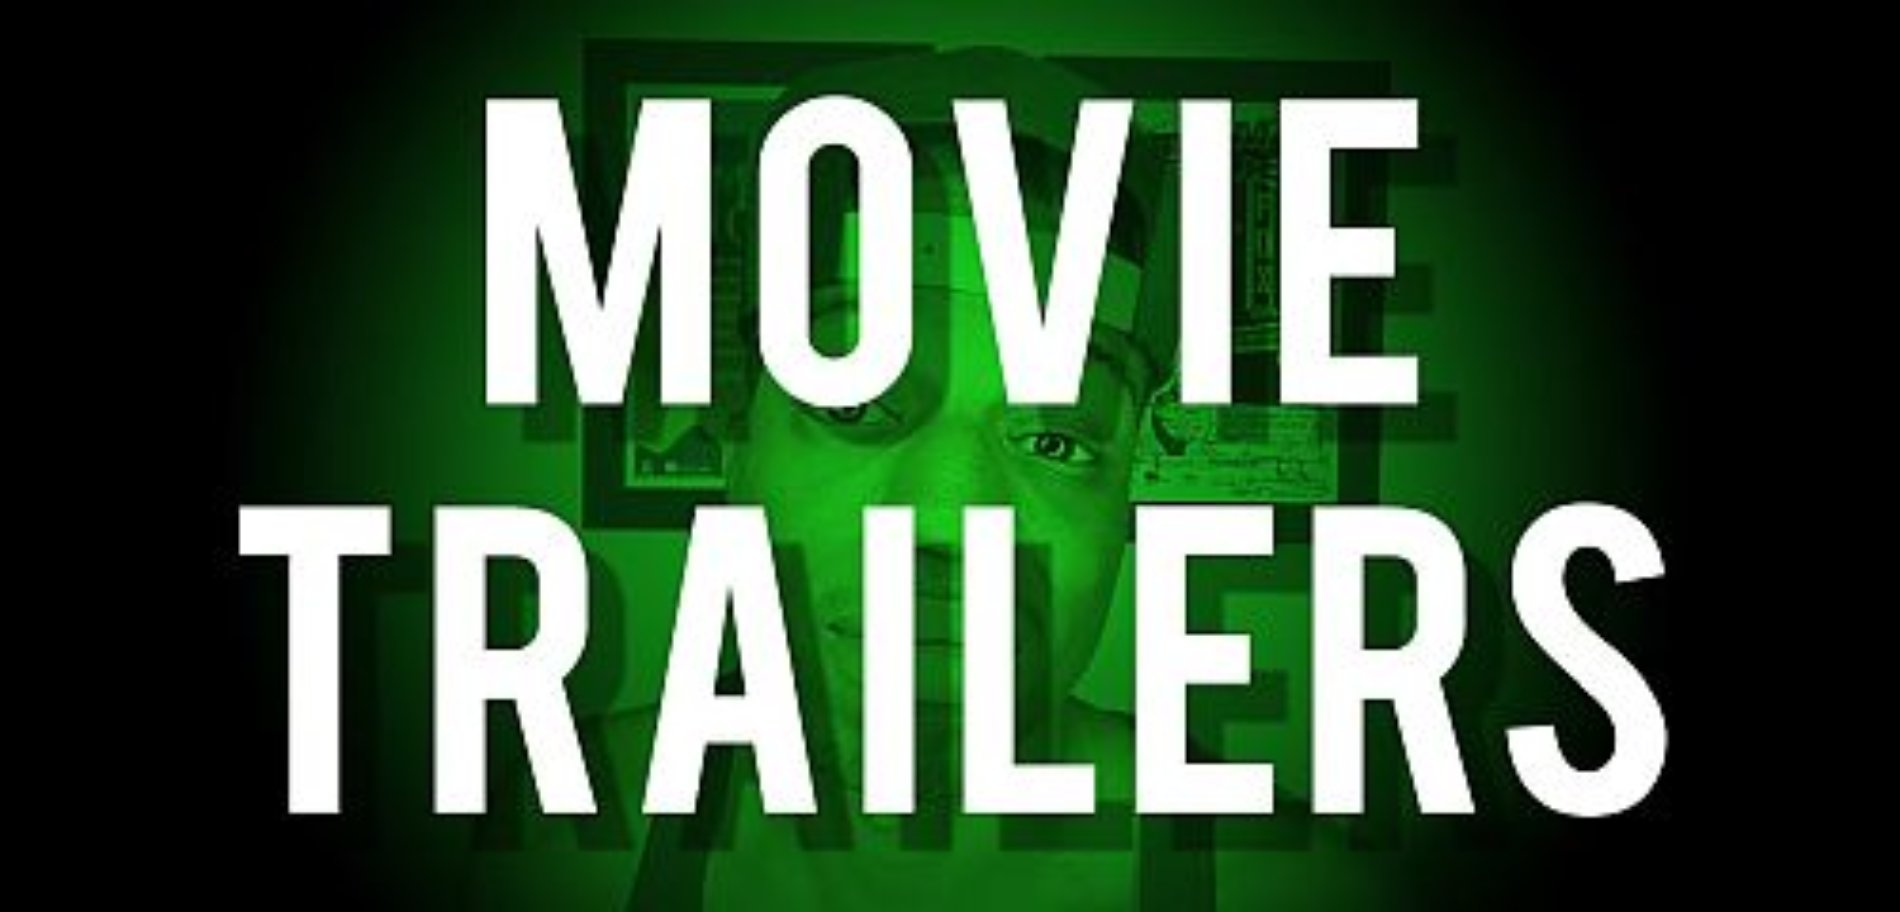 Nuevos trailers en cine esta semana 47